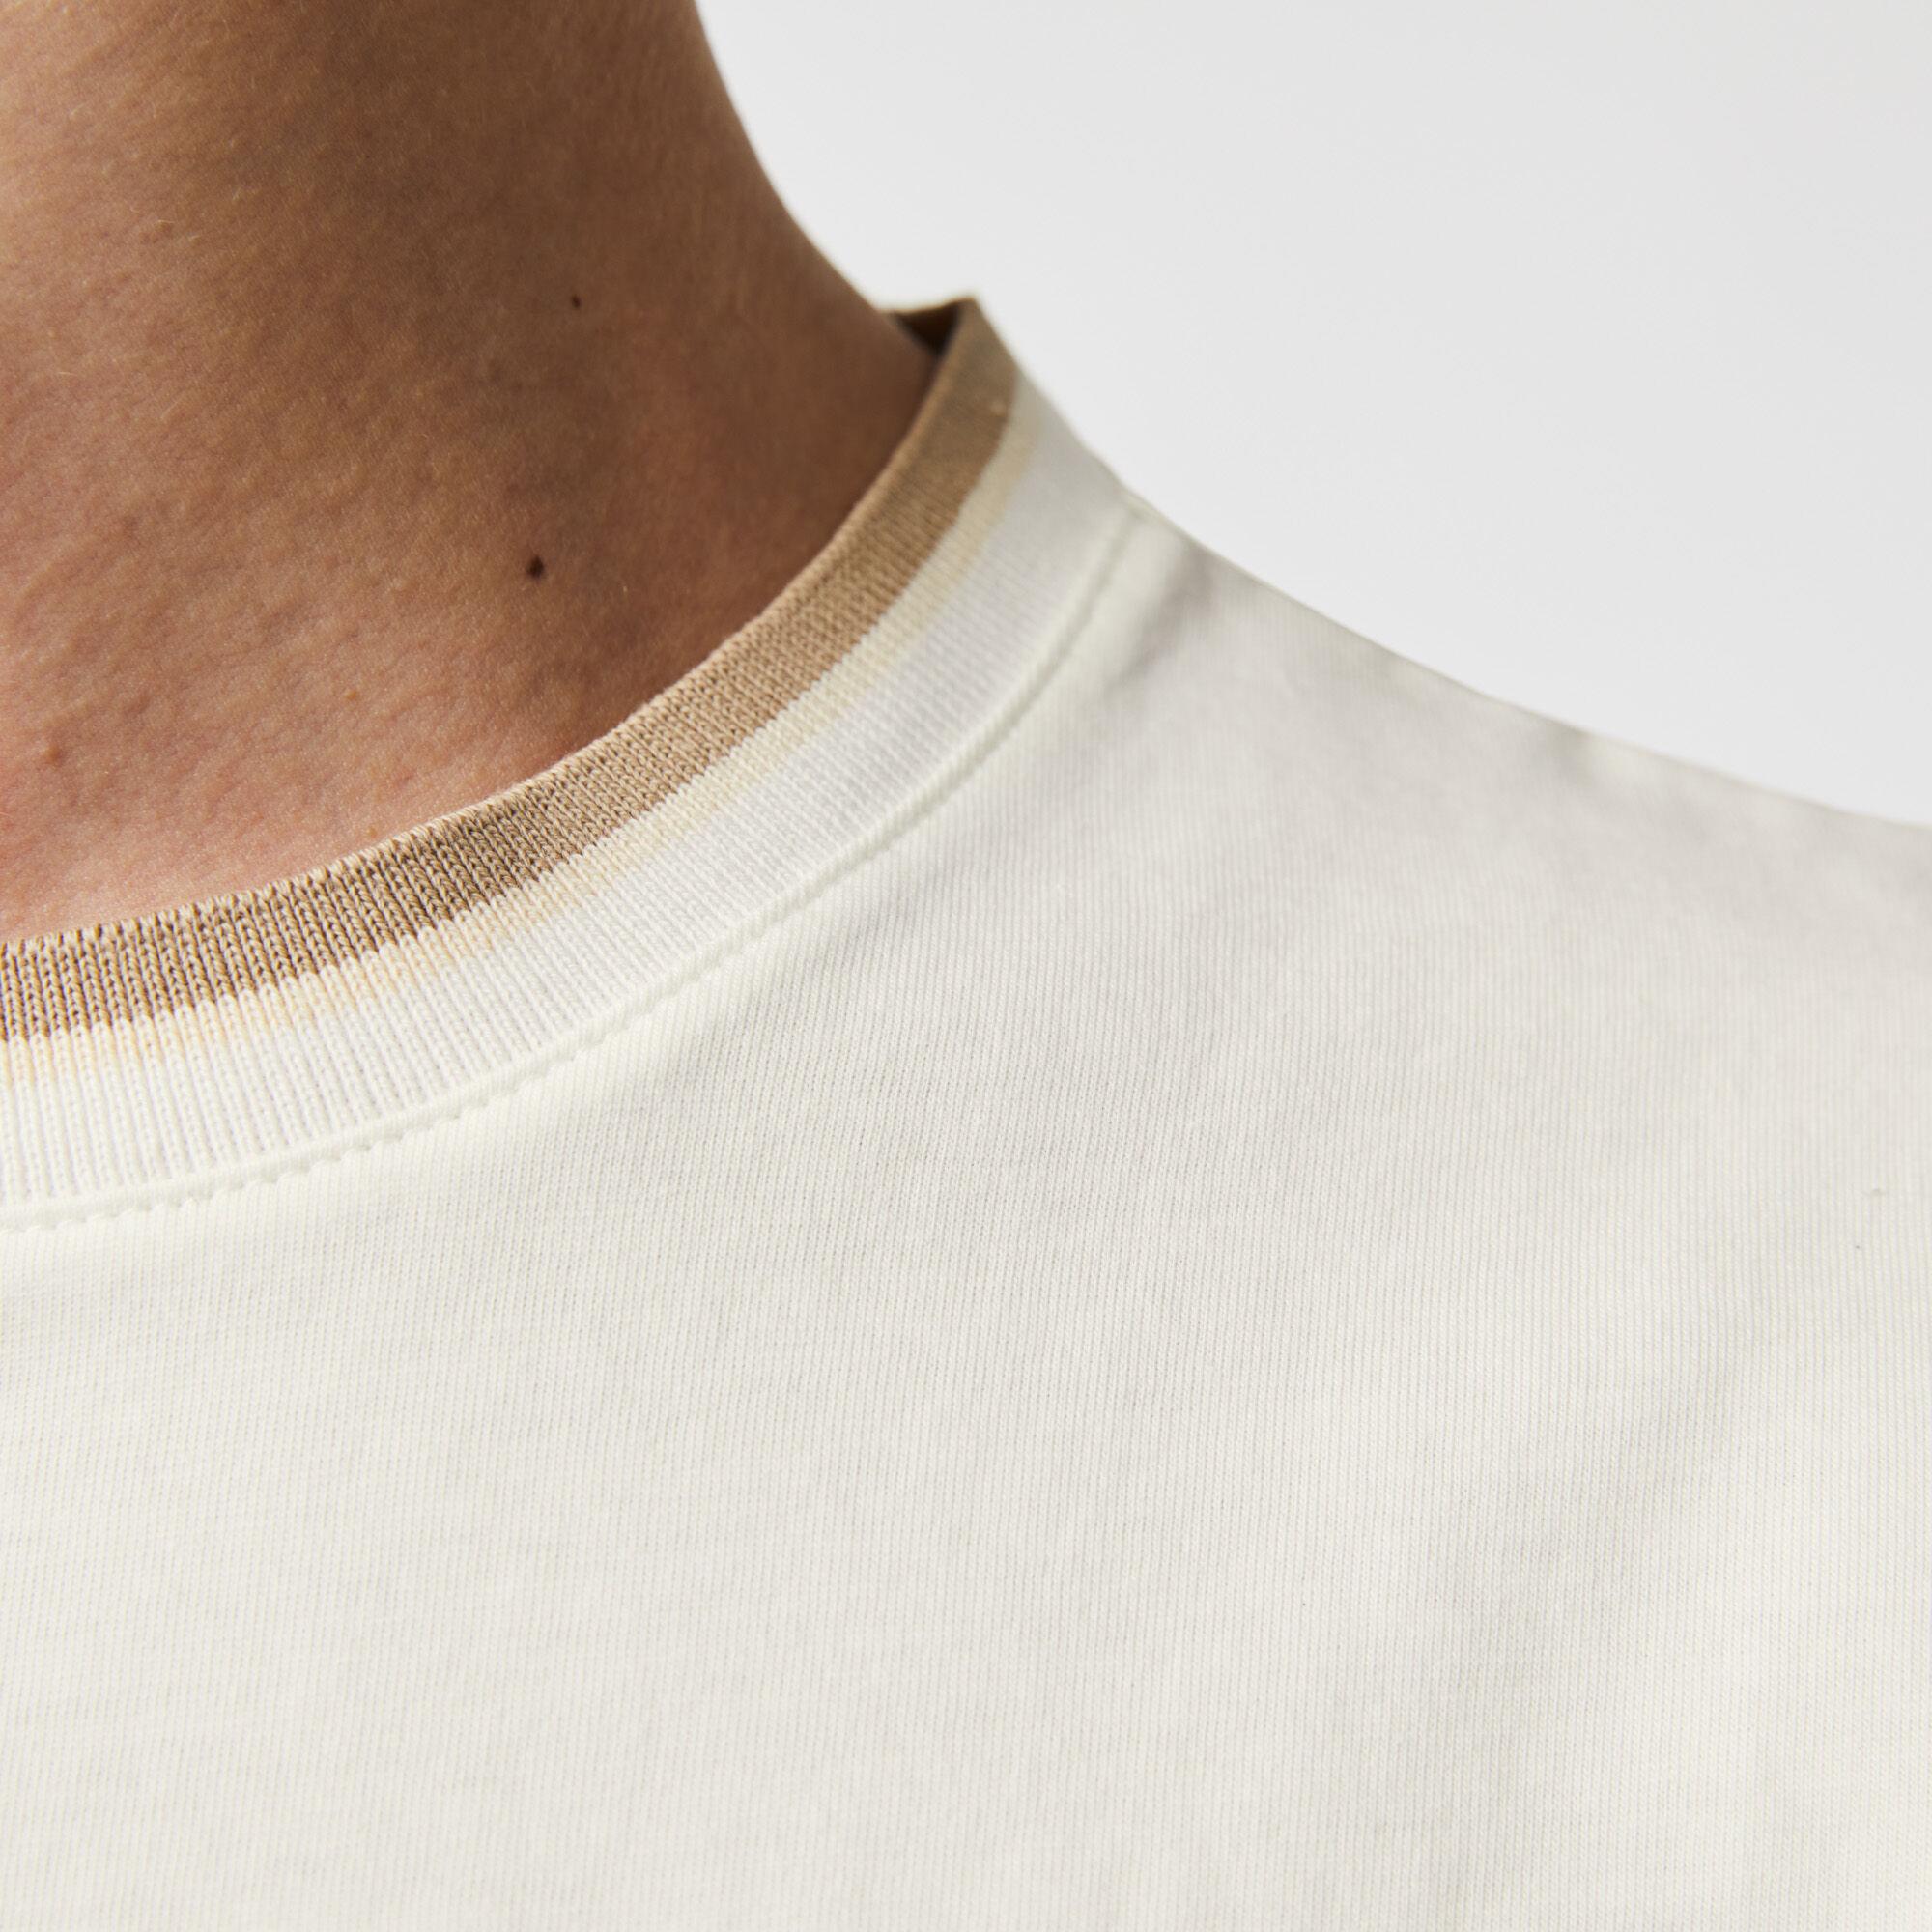 Men's Bicolor Crew Neck Cotton T-shirt